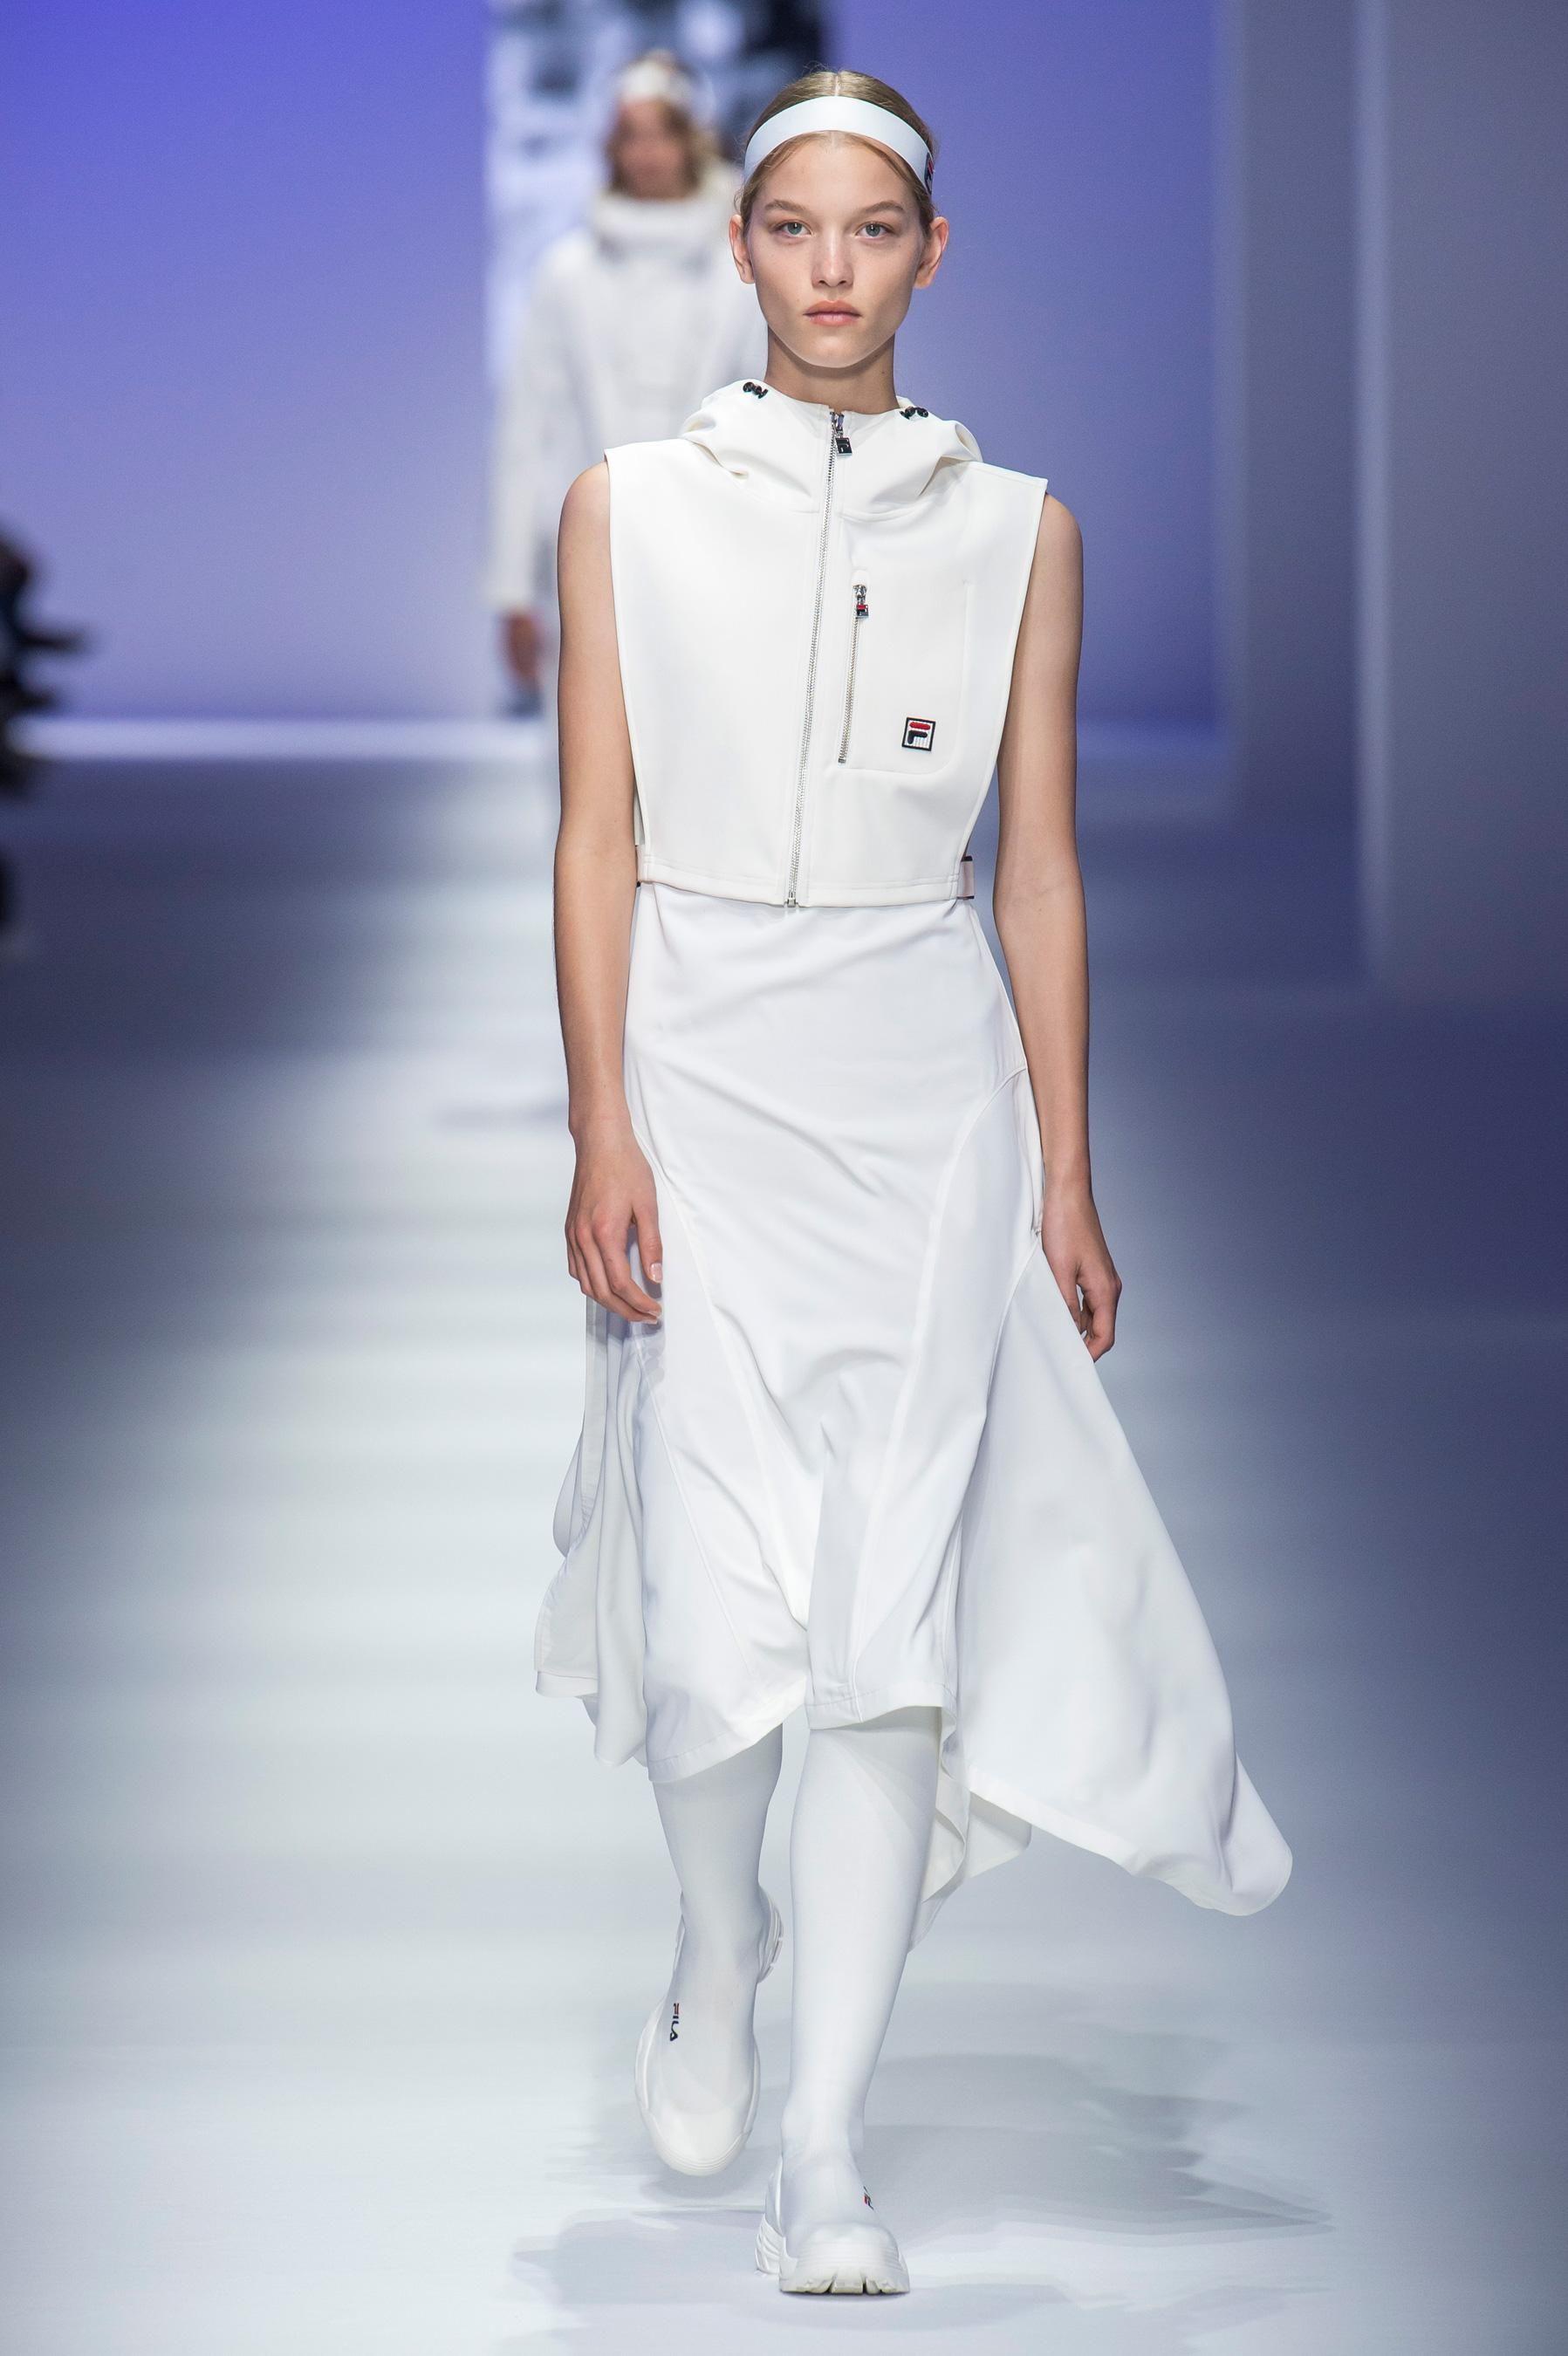 Défilé Fila Prêt à porter printemps été 2019 Milan Elle